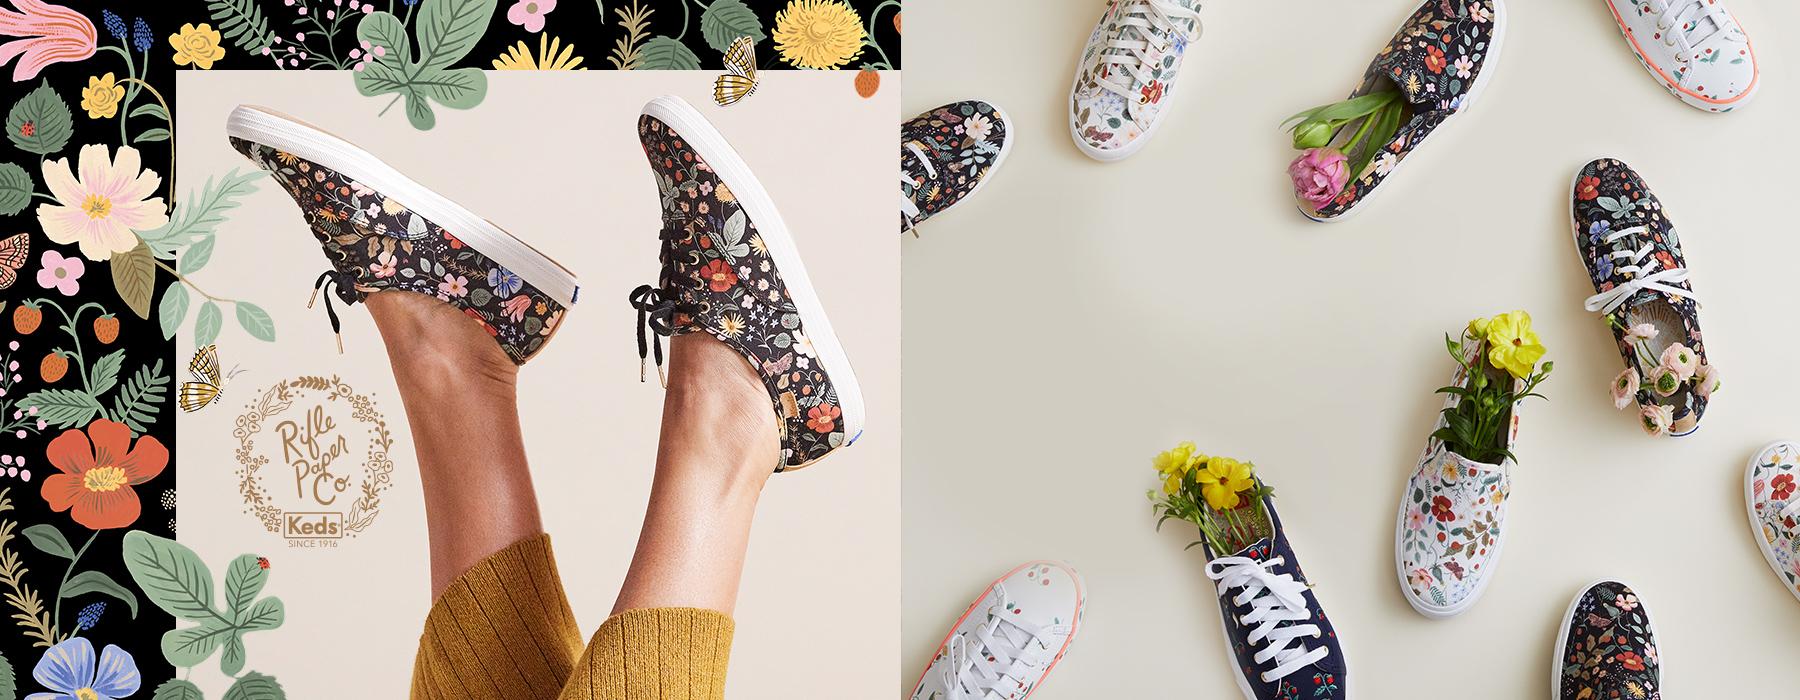 Rifle Paper Co Shoes shoes